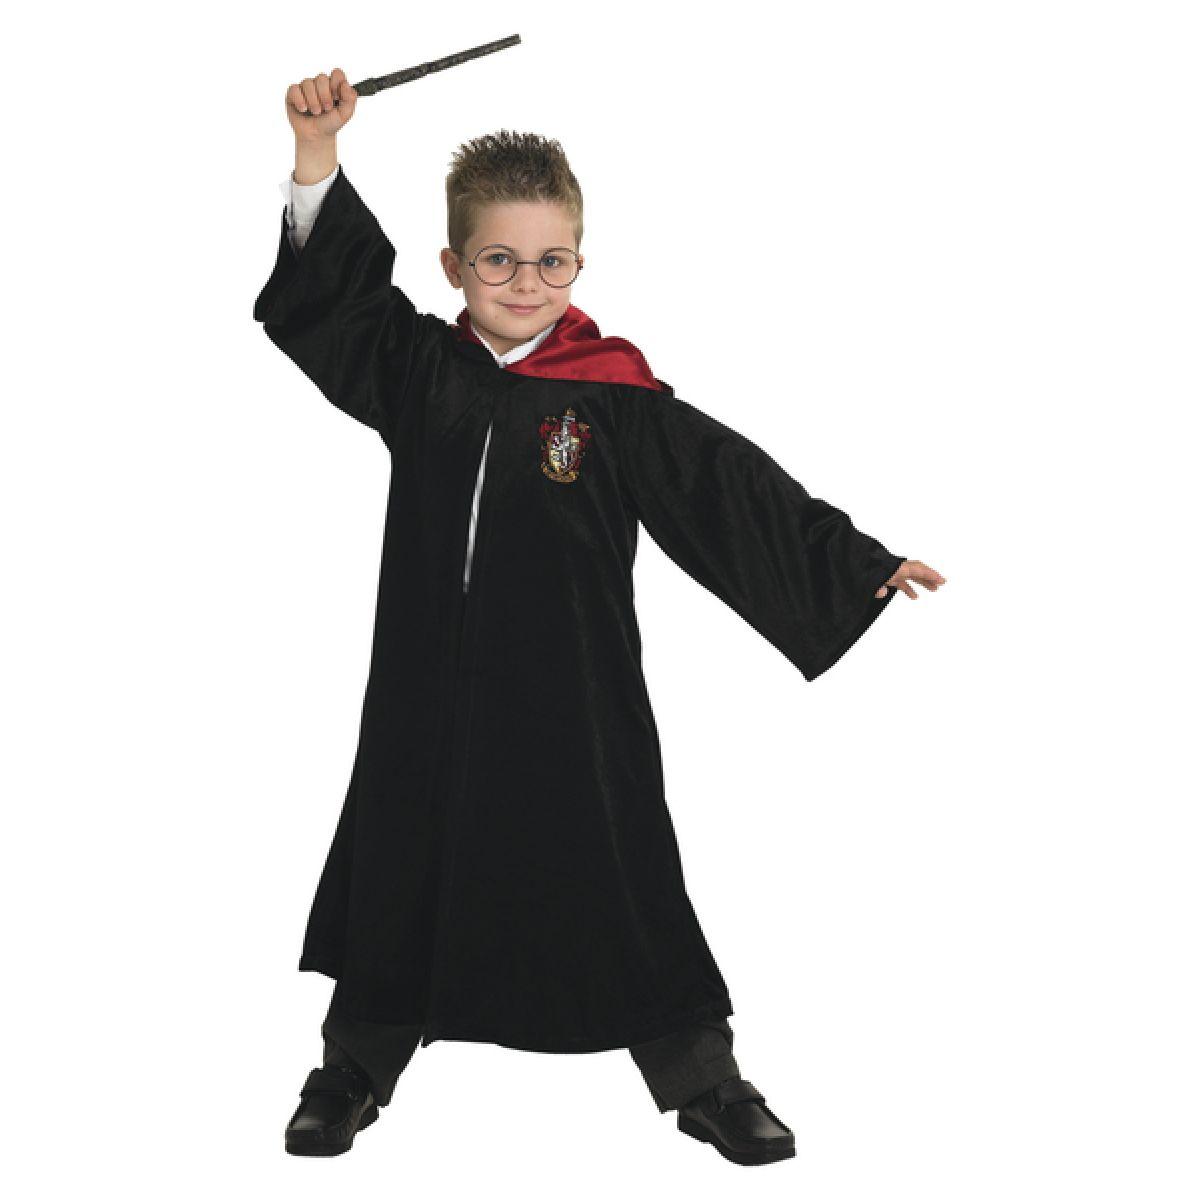 Kostým Harry Potter školní uniforma velikost S